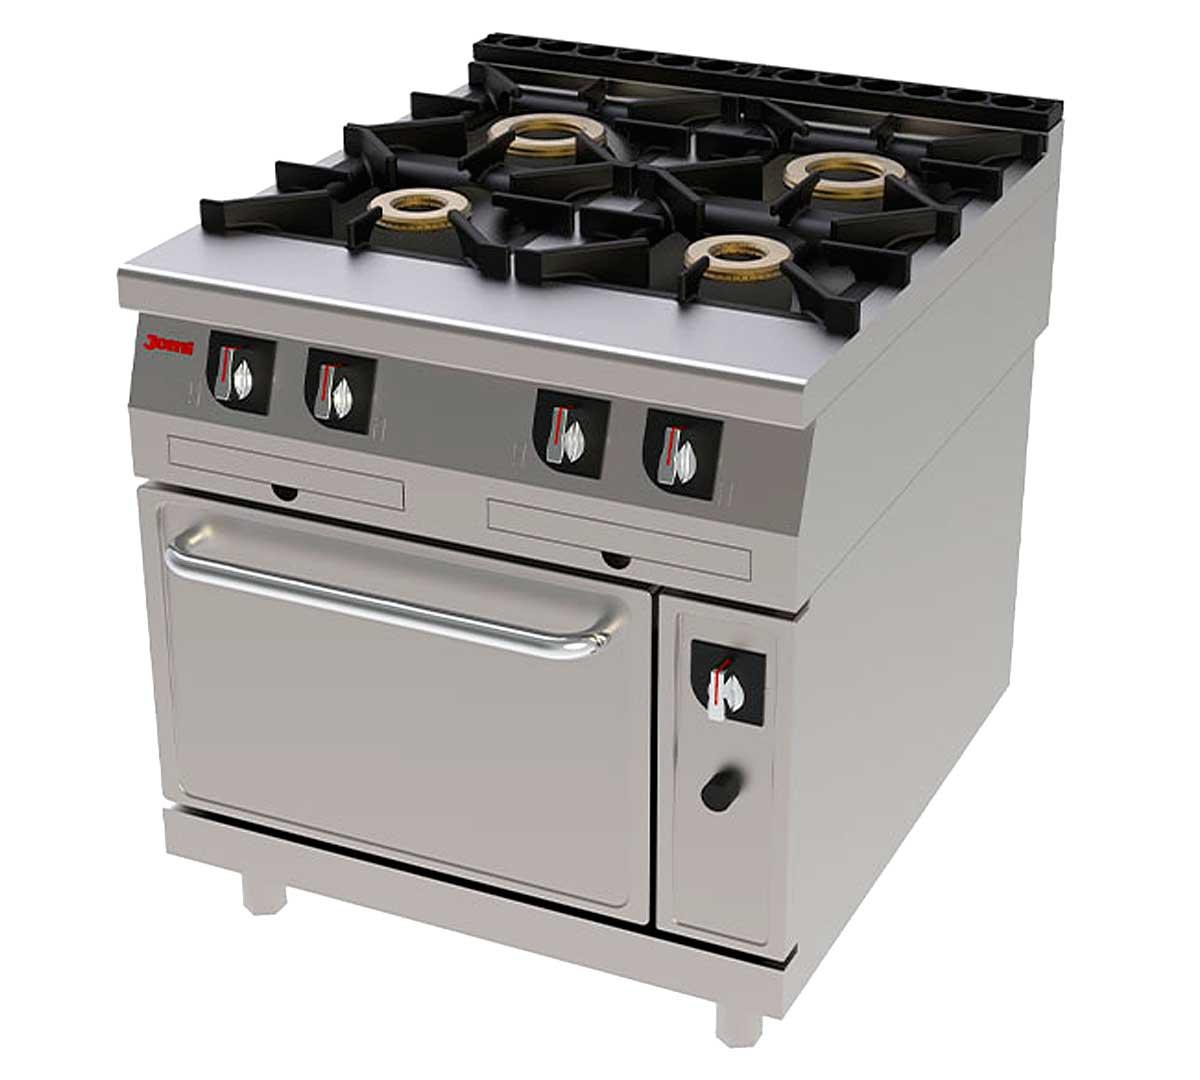 Cocina Jemi Serie 900 Horno